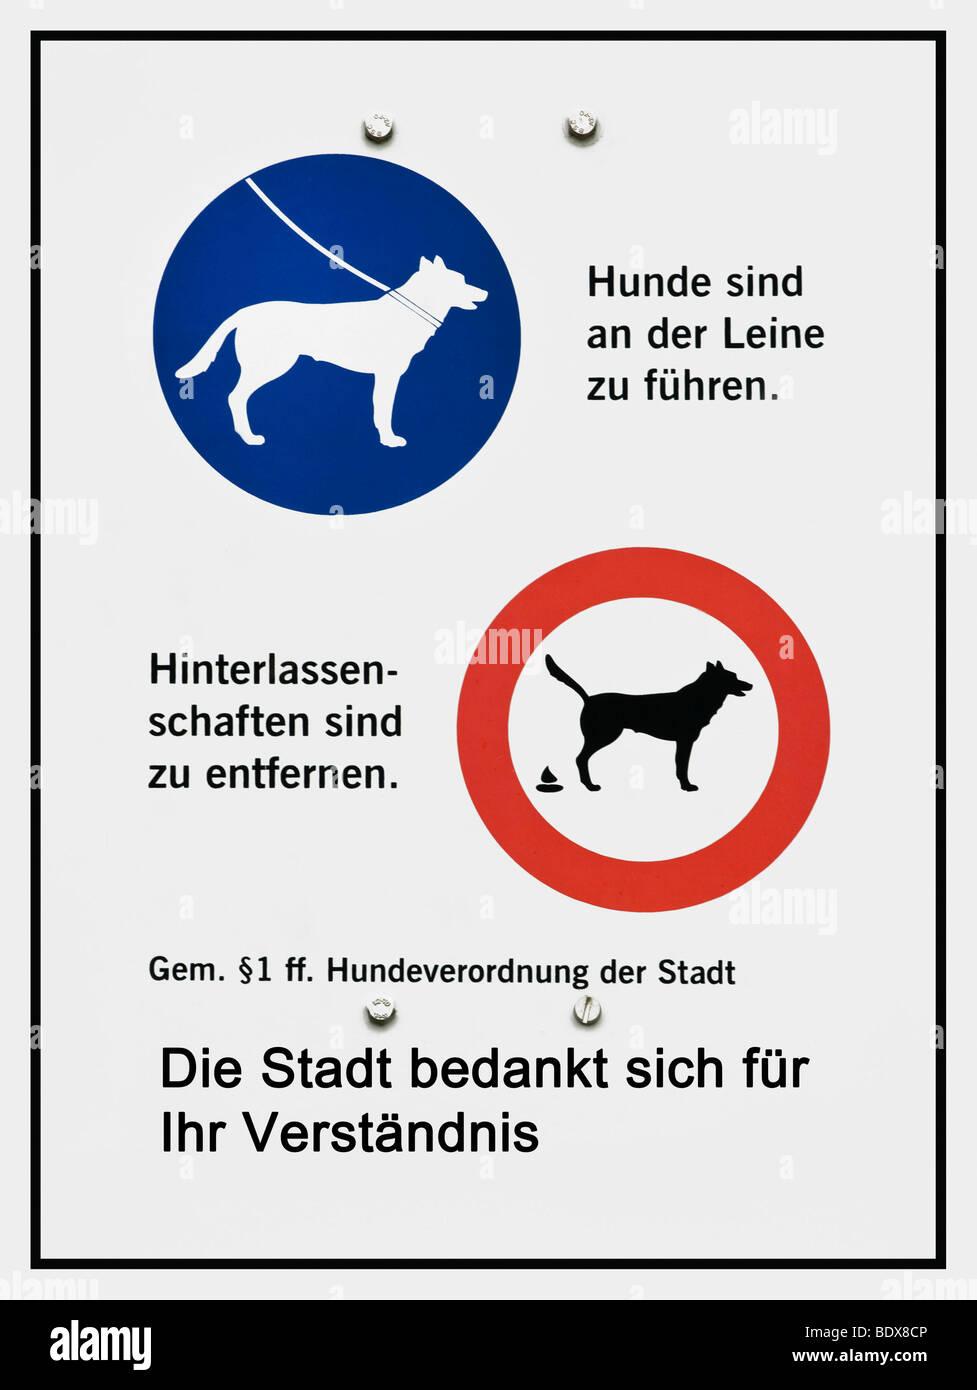 Segno tedesco con simboli, mettere i cani al guinzaglio, rimuovere lo sporco del cane secondo la ss 1ff cane ordinanza Immagini Stock